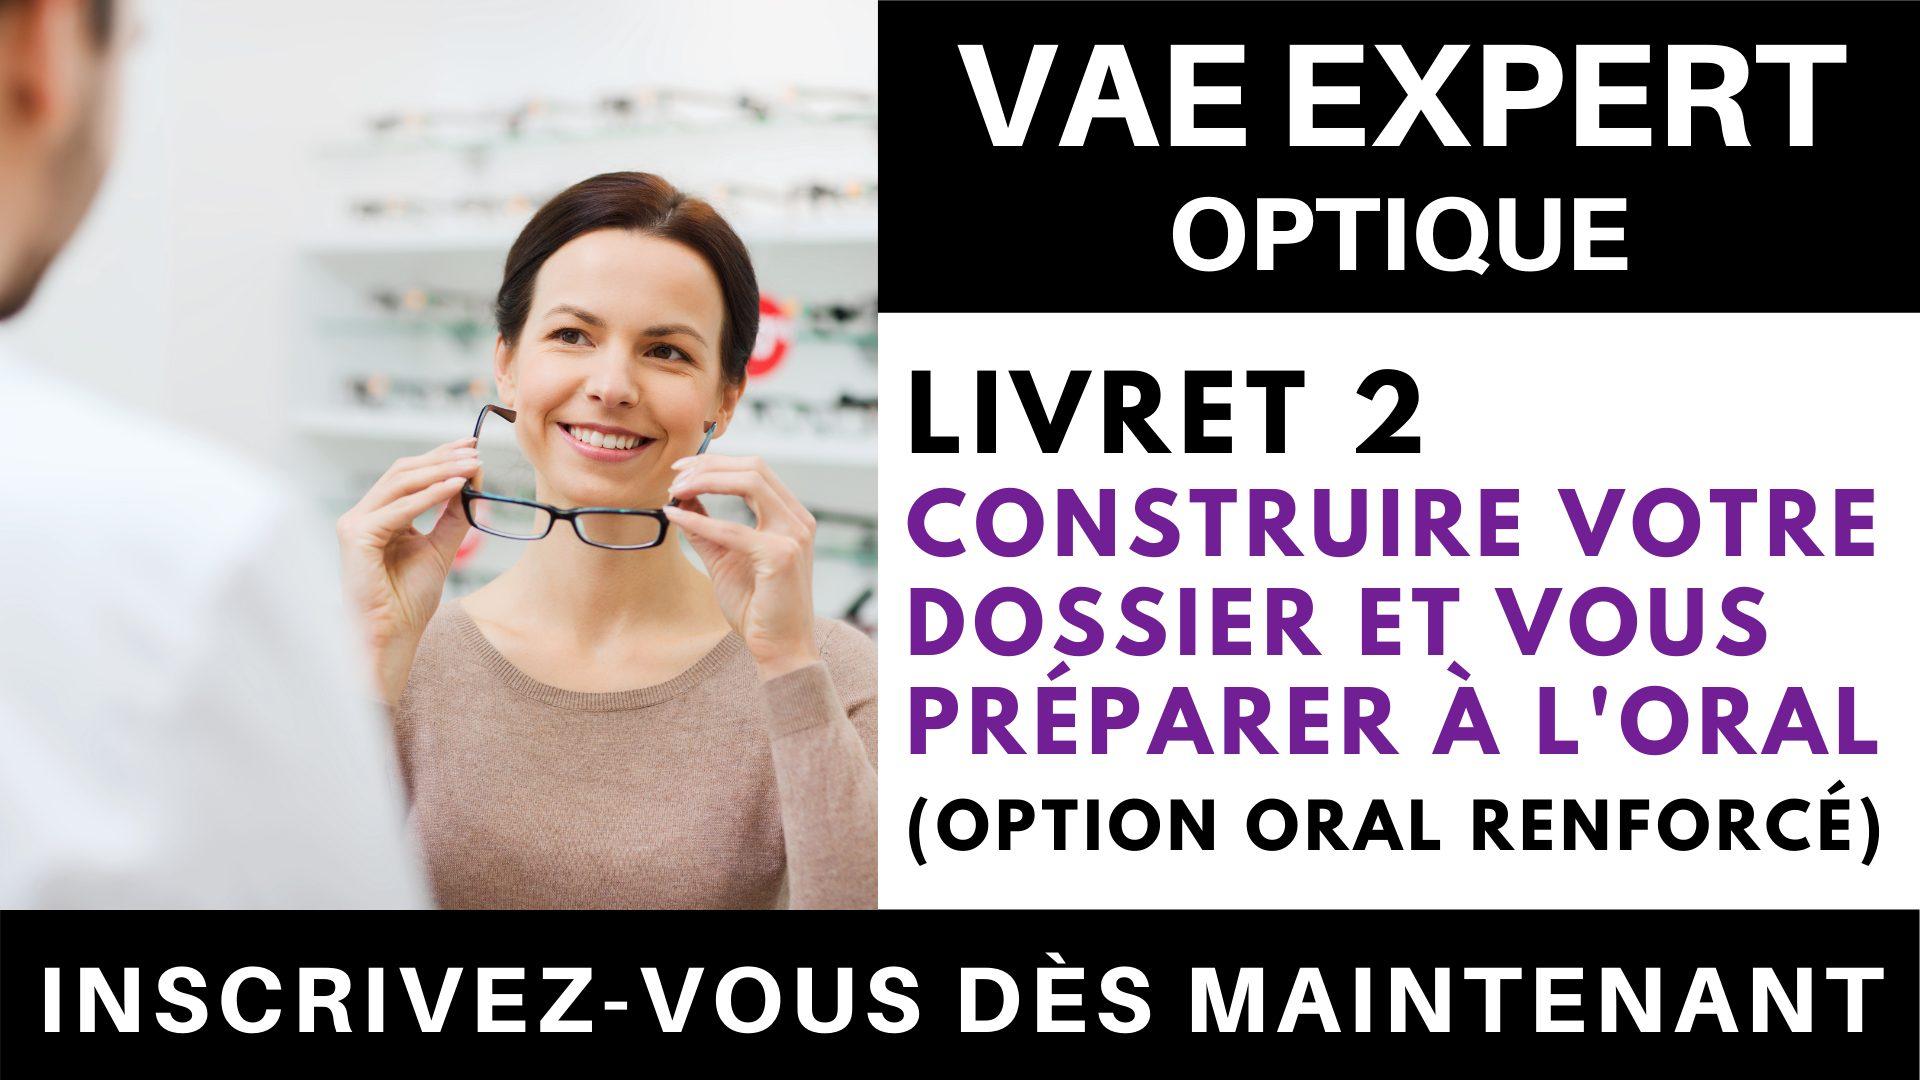 VAE EXPERT OPTIQUE - Livret 2 Construire votre dossier et vous préparer à l'oral + option 'oral renforcé'